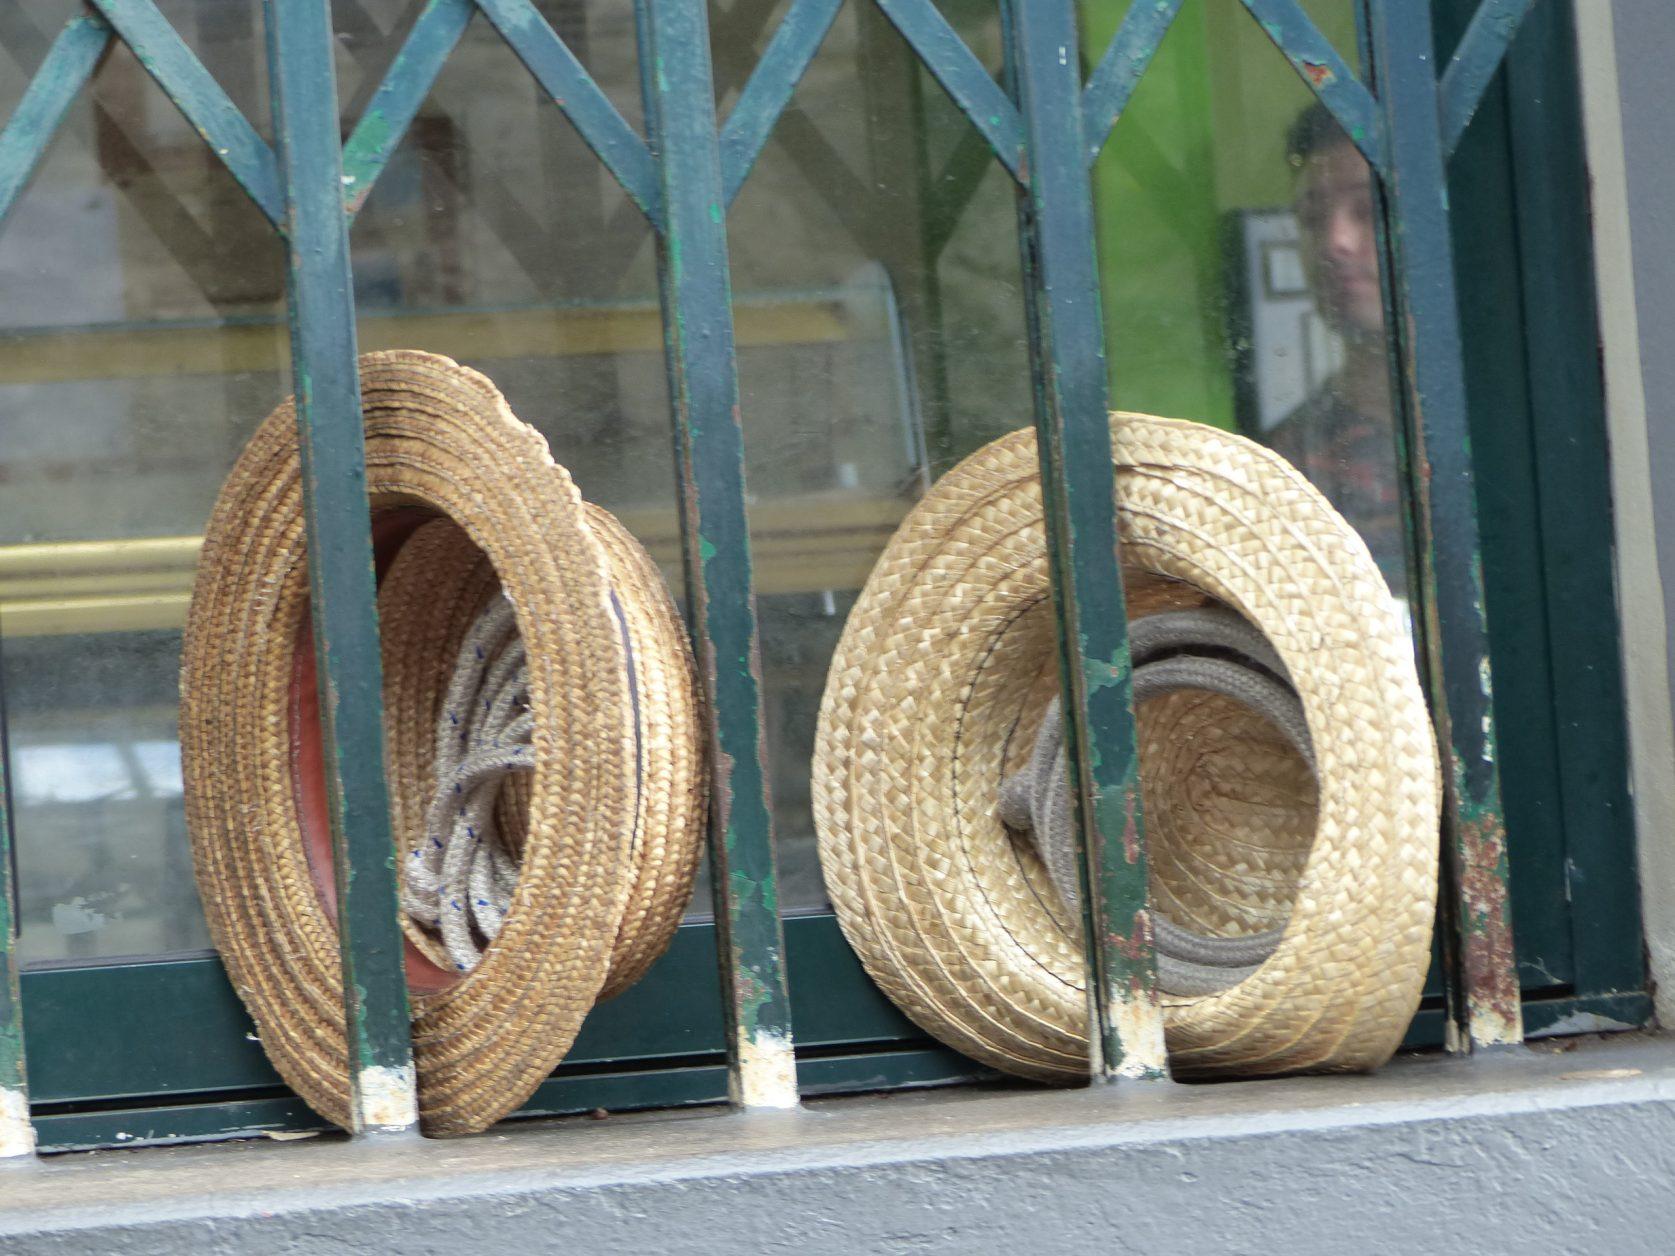 Strohüte und Seil: unentbehrliche Utensilien der Fuhrleute in Monte. foto: D. Weirauch